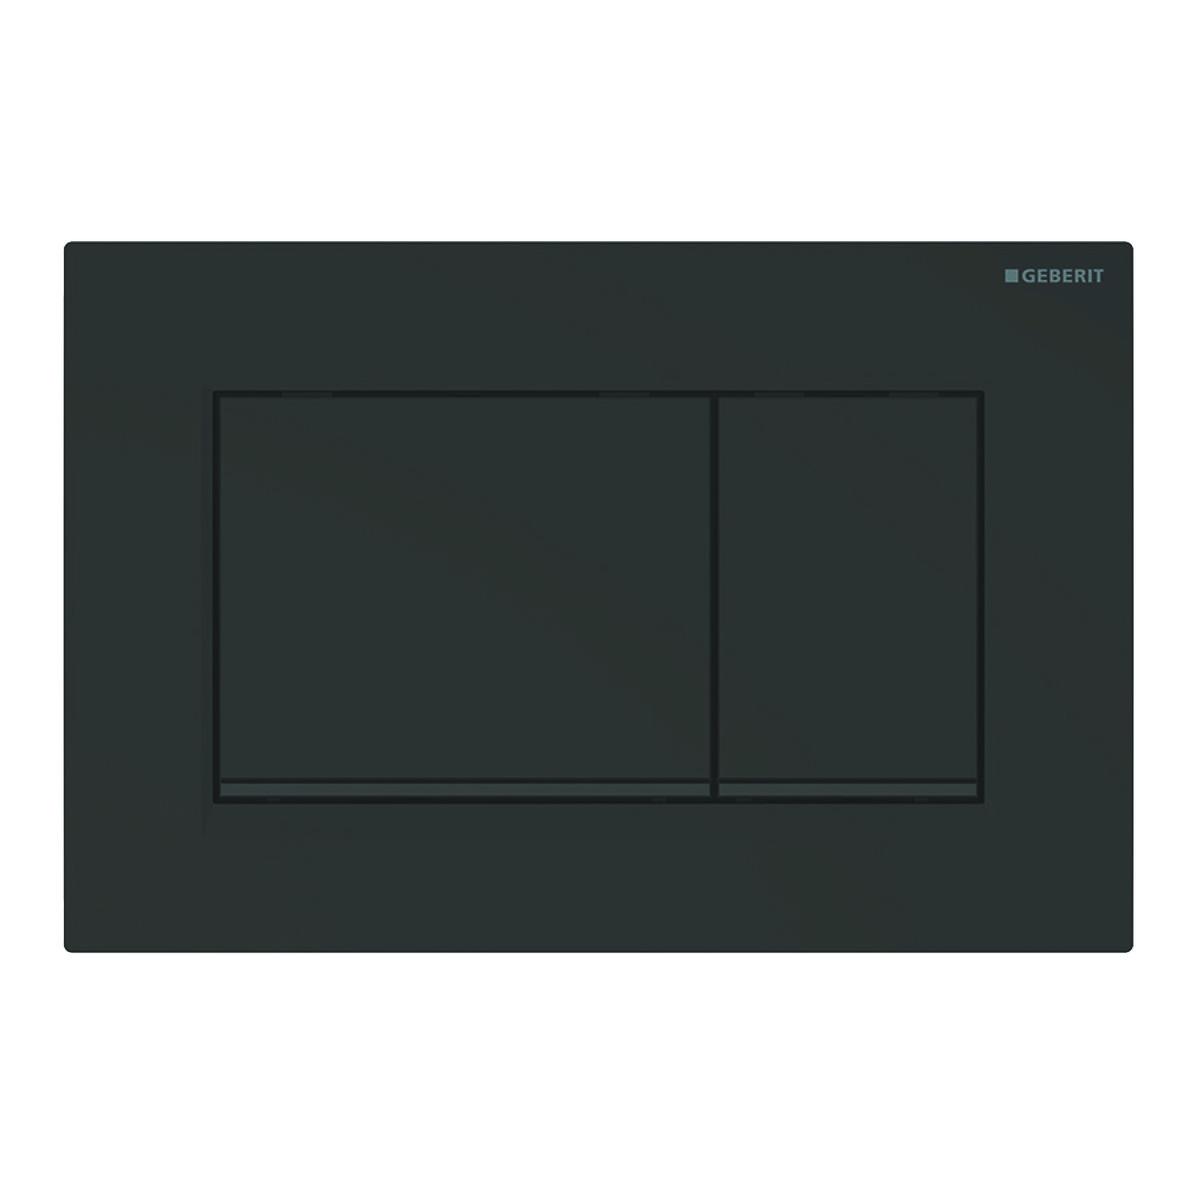 Смывная клавиша Sigma 30, двойной смыв, черный матовый, легко чистящееся покрытие, черный